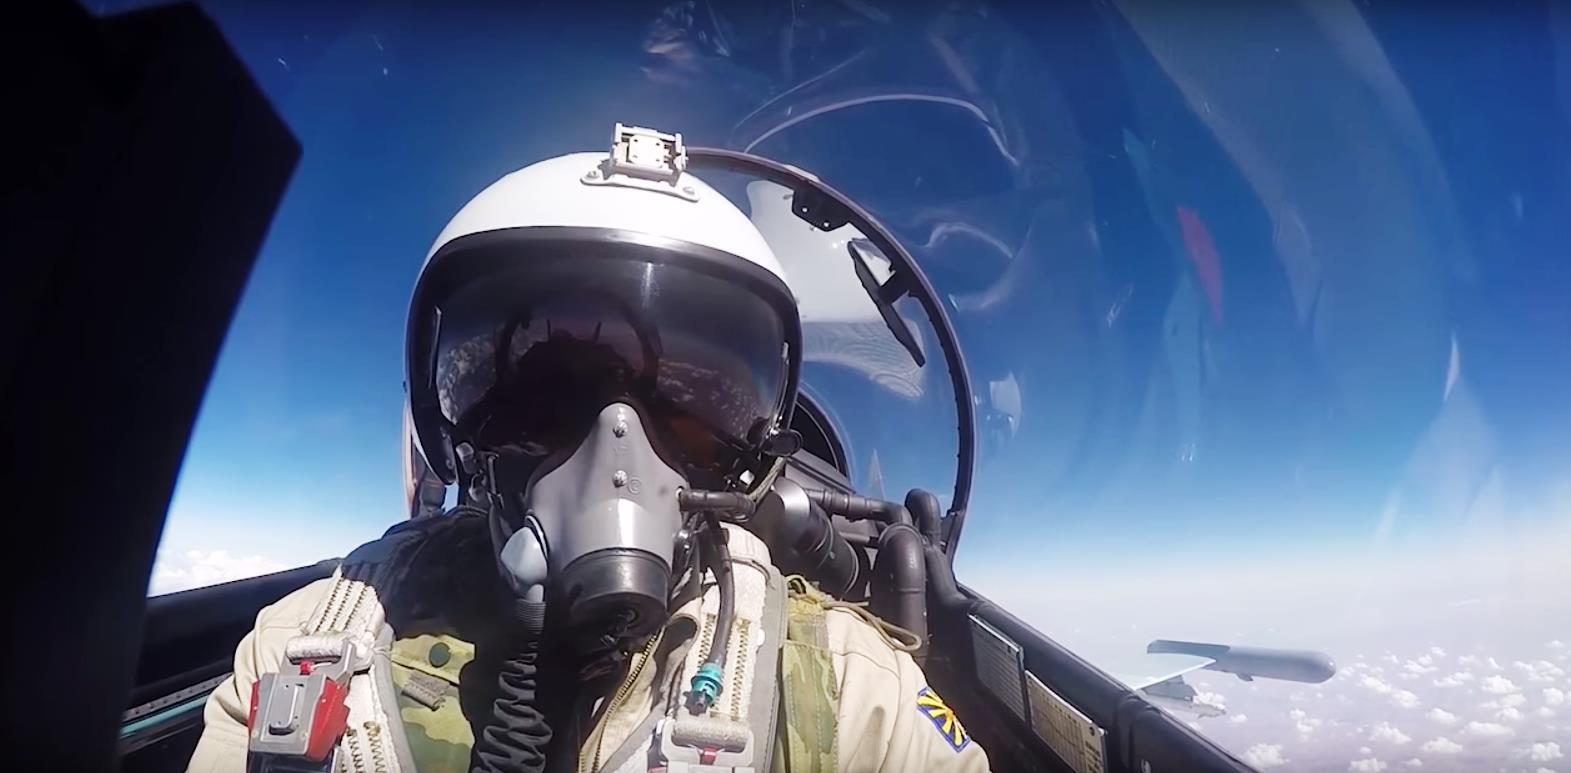 Взлетая с сирийской авиабазы Хмеймим, российские истребители с закрашенными серо-голубой краской